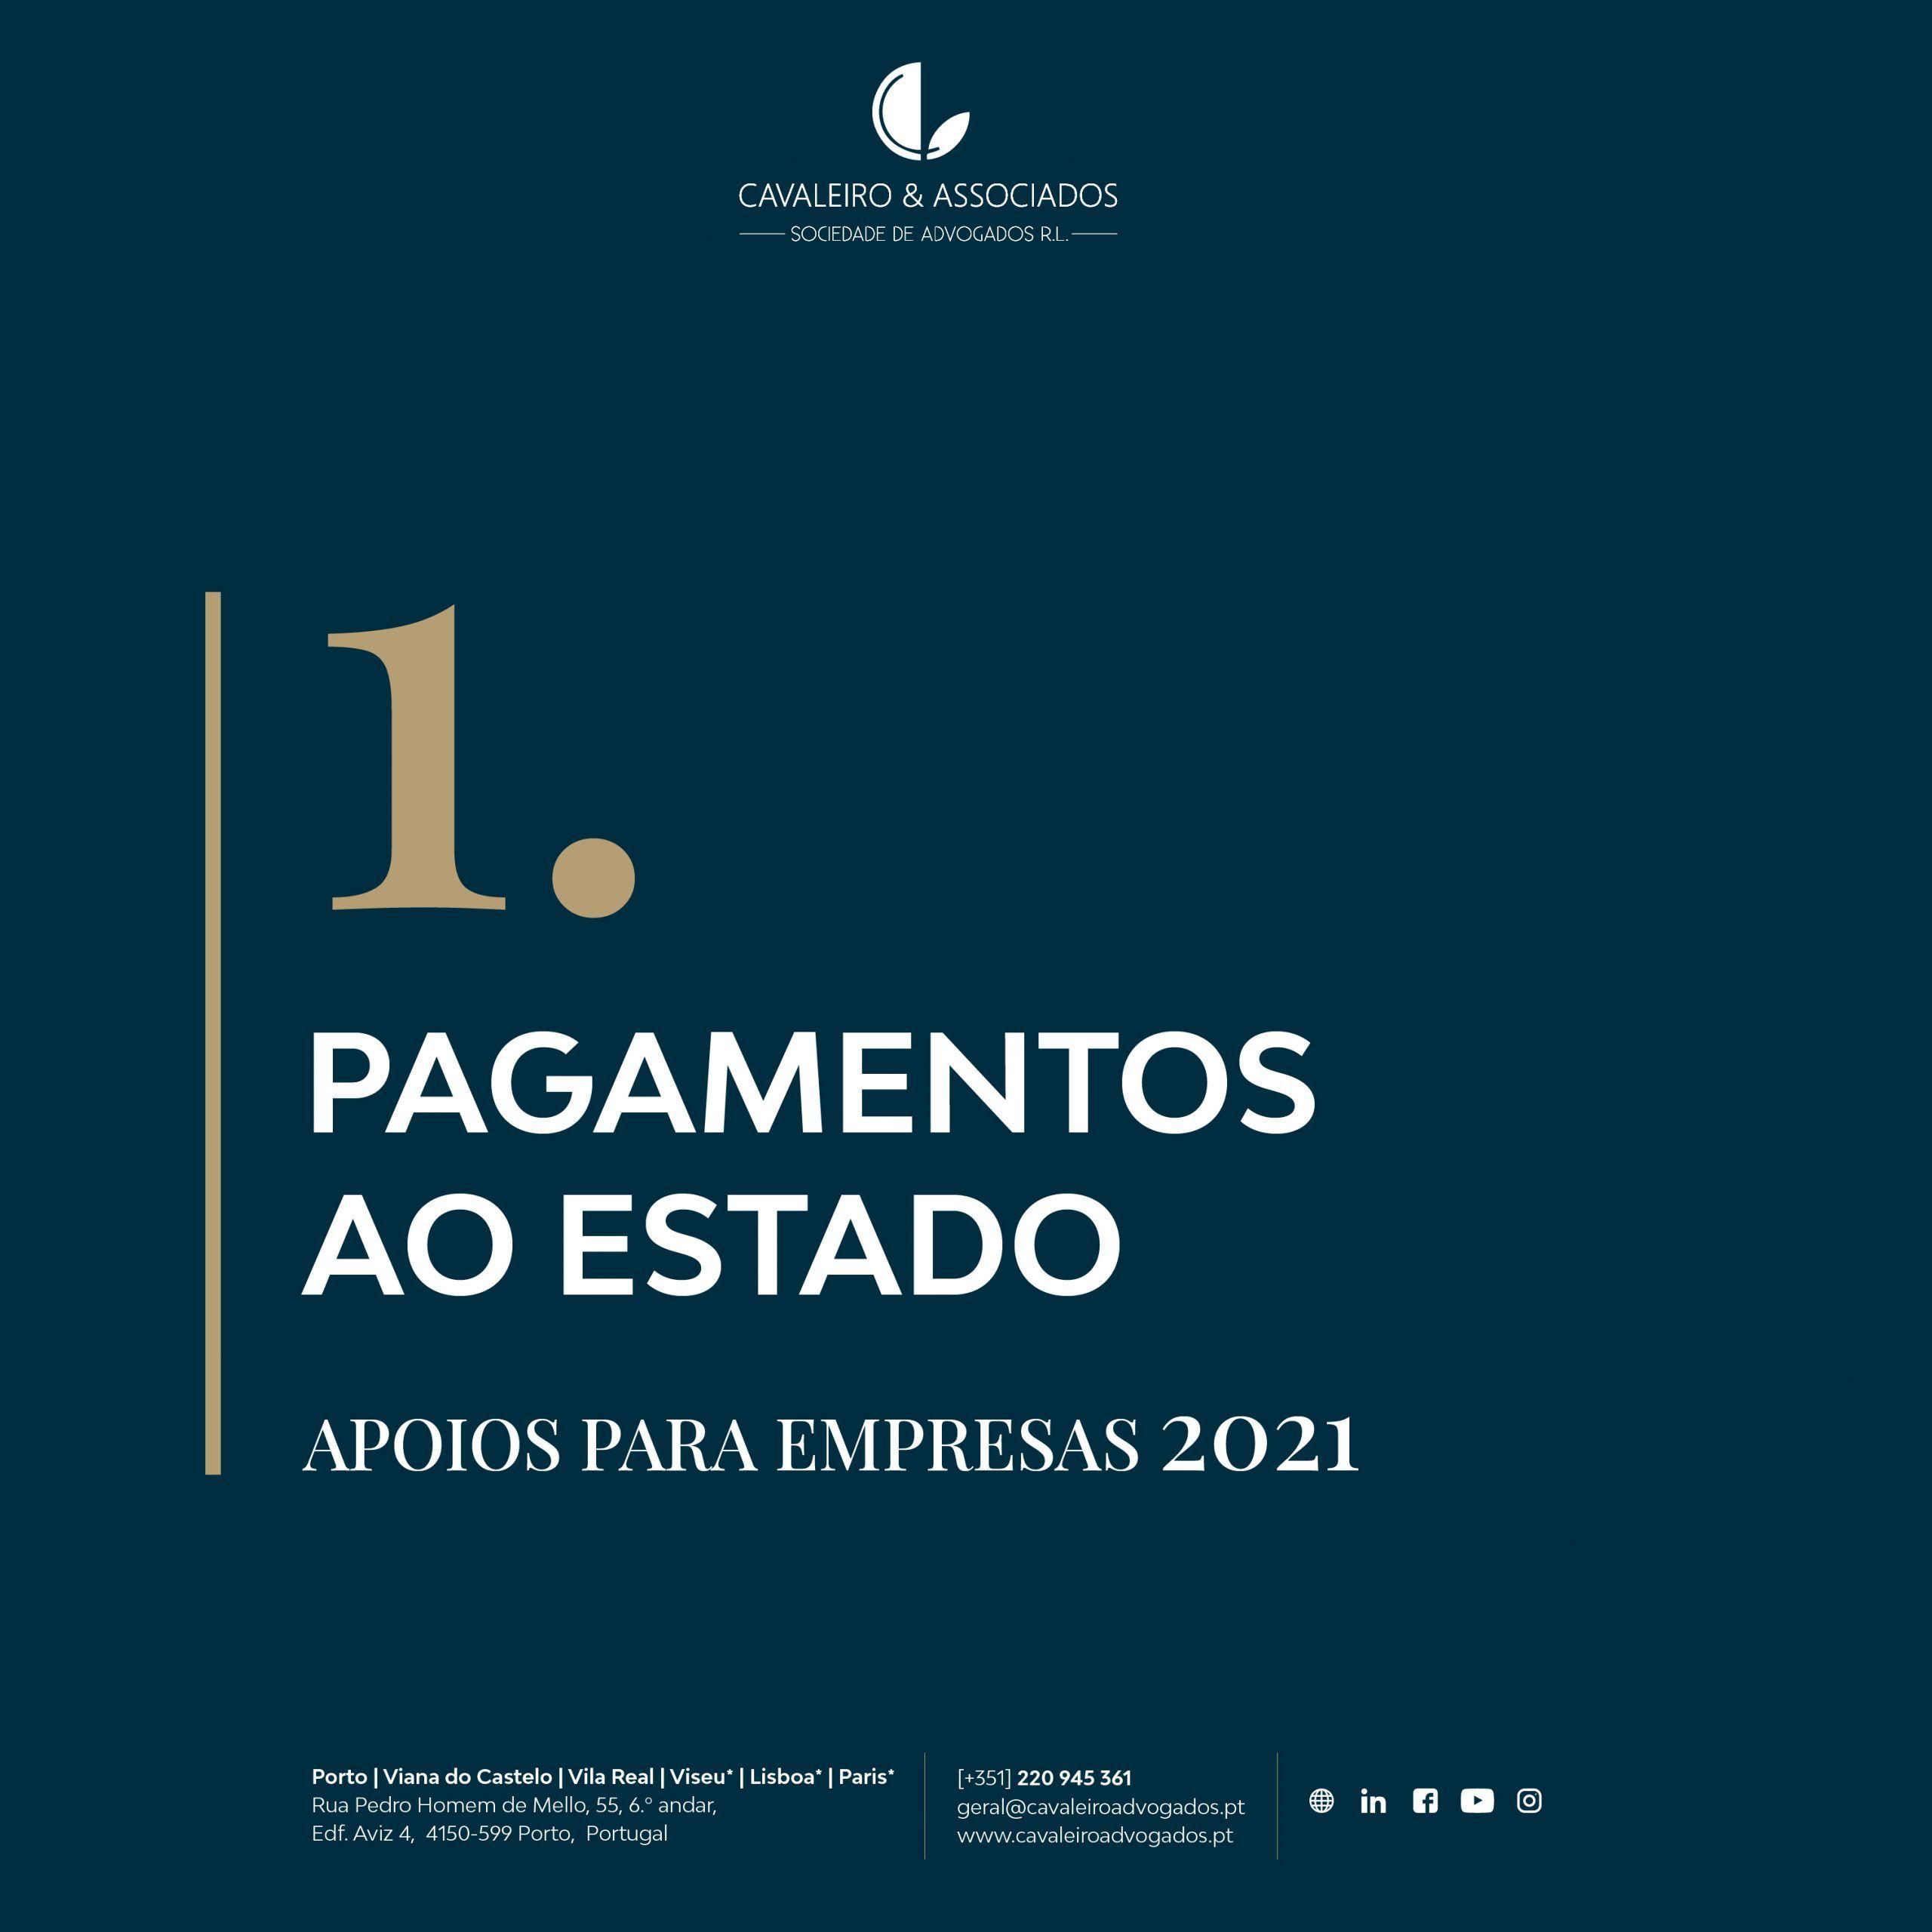 APOIOS PARA EMPRESAS 2021 I Suspensão dos processos de execução